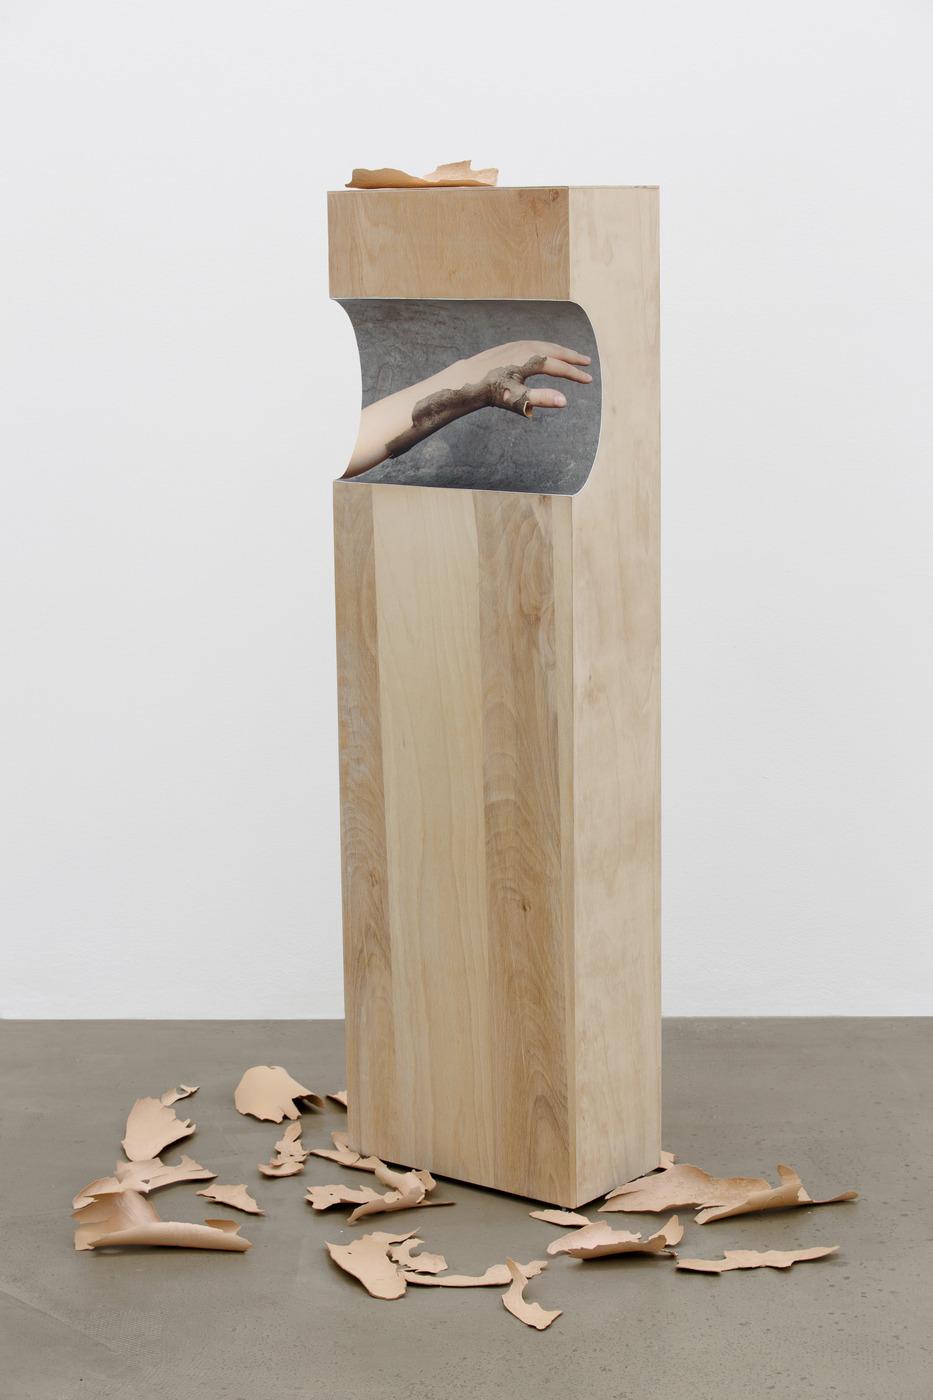 9. Nona Inescu, Gommage, 2016